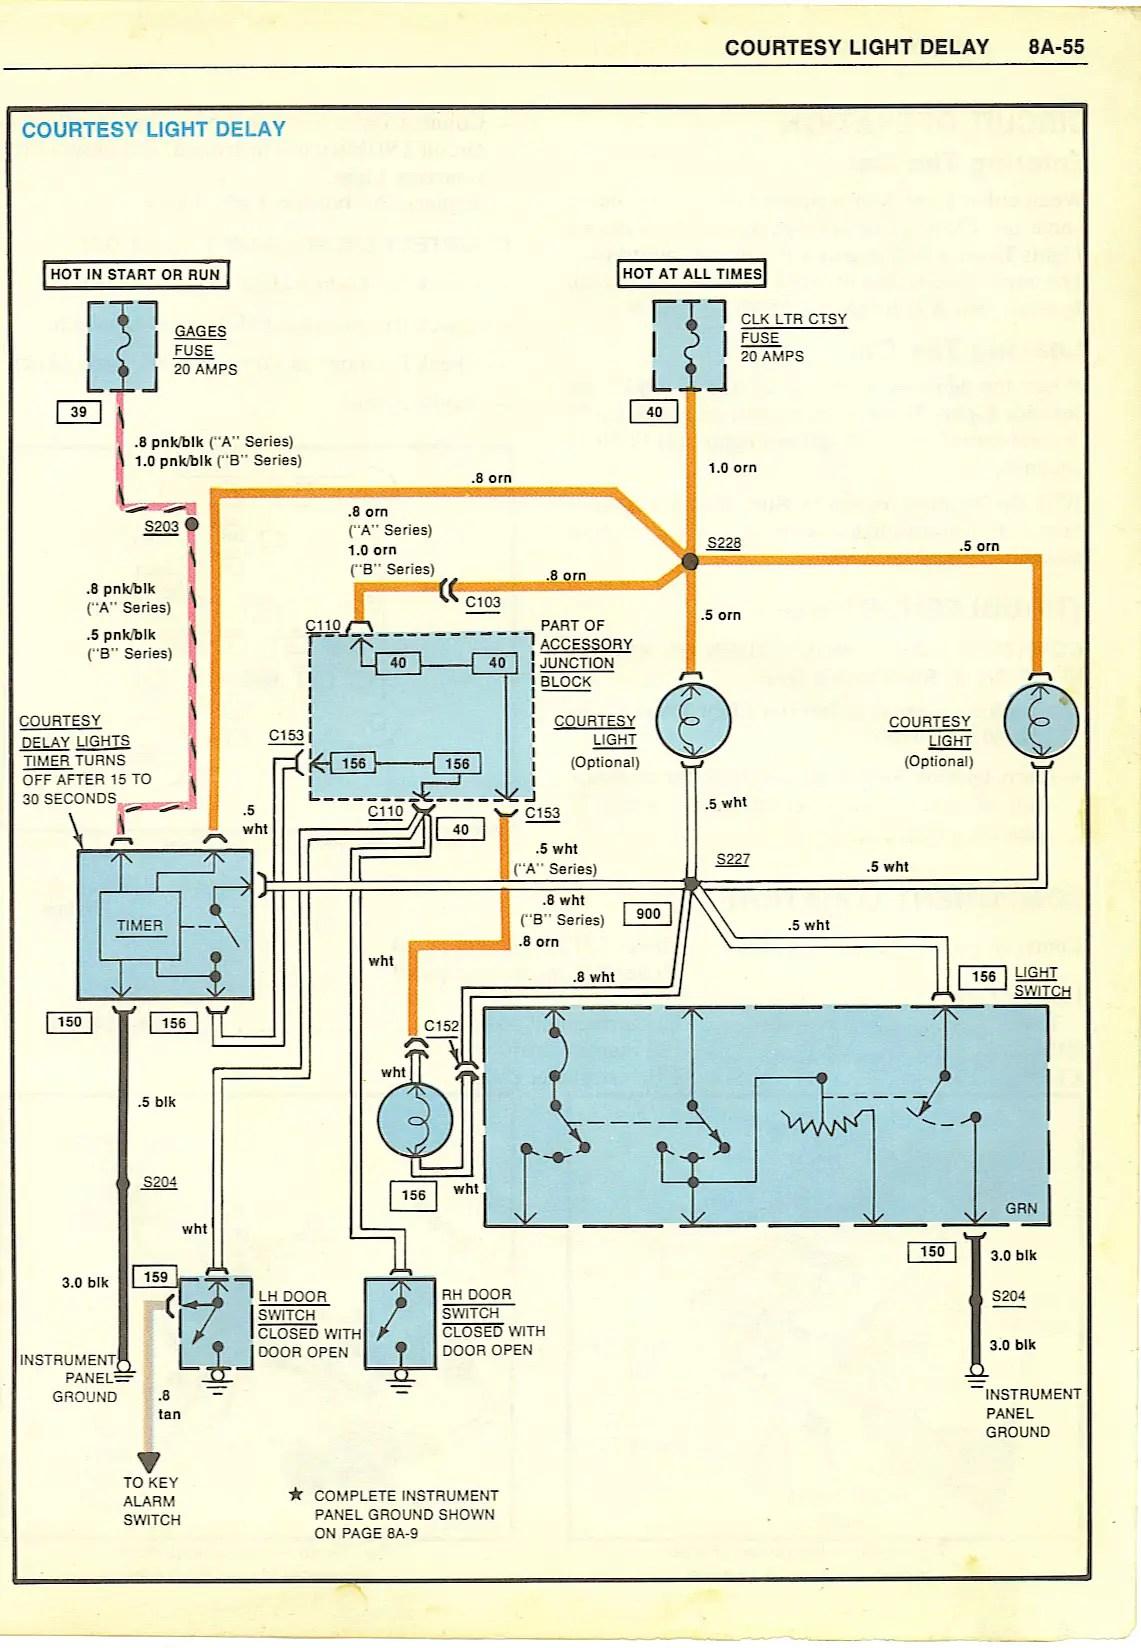 2004 Kenworth T800 Wiring Diagrams - wiring data